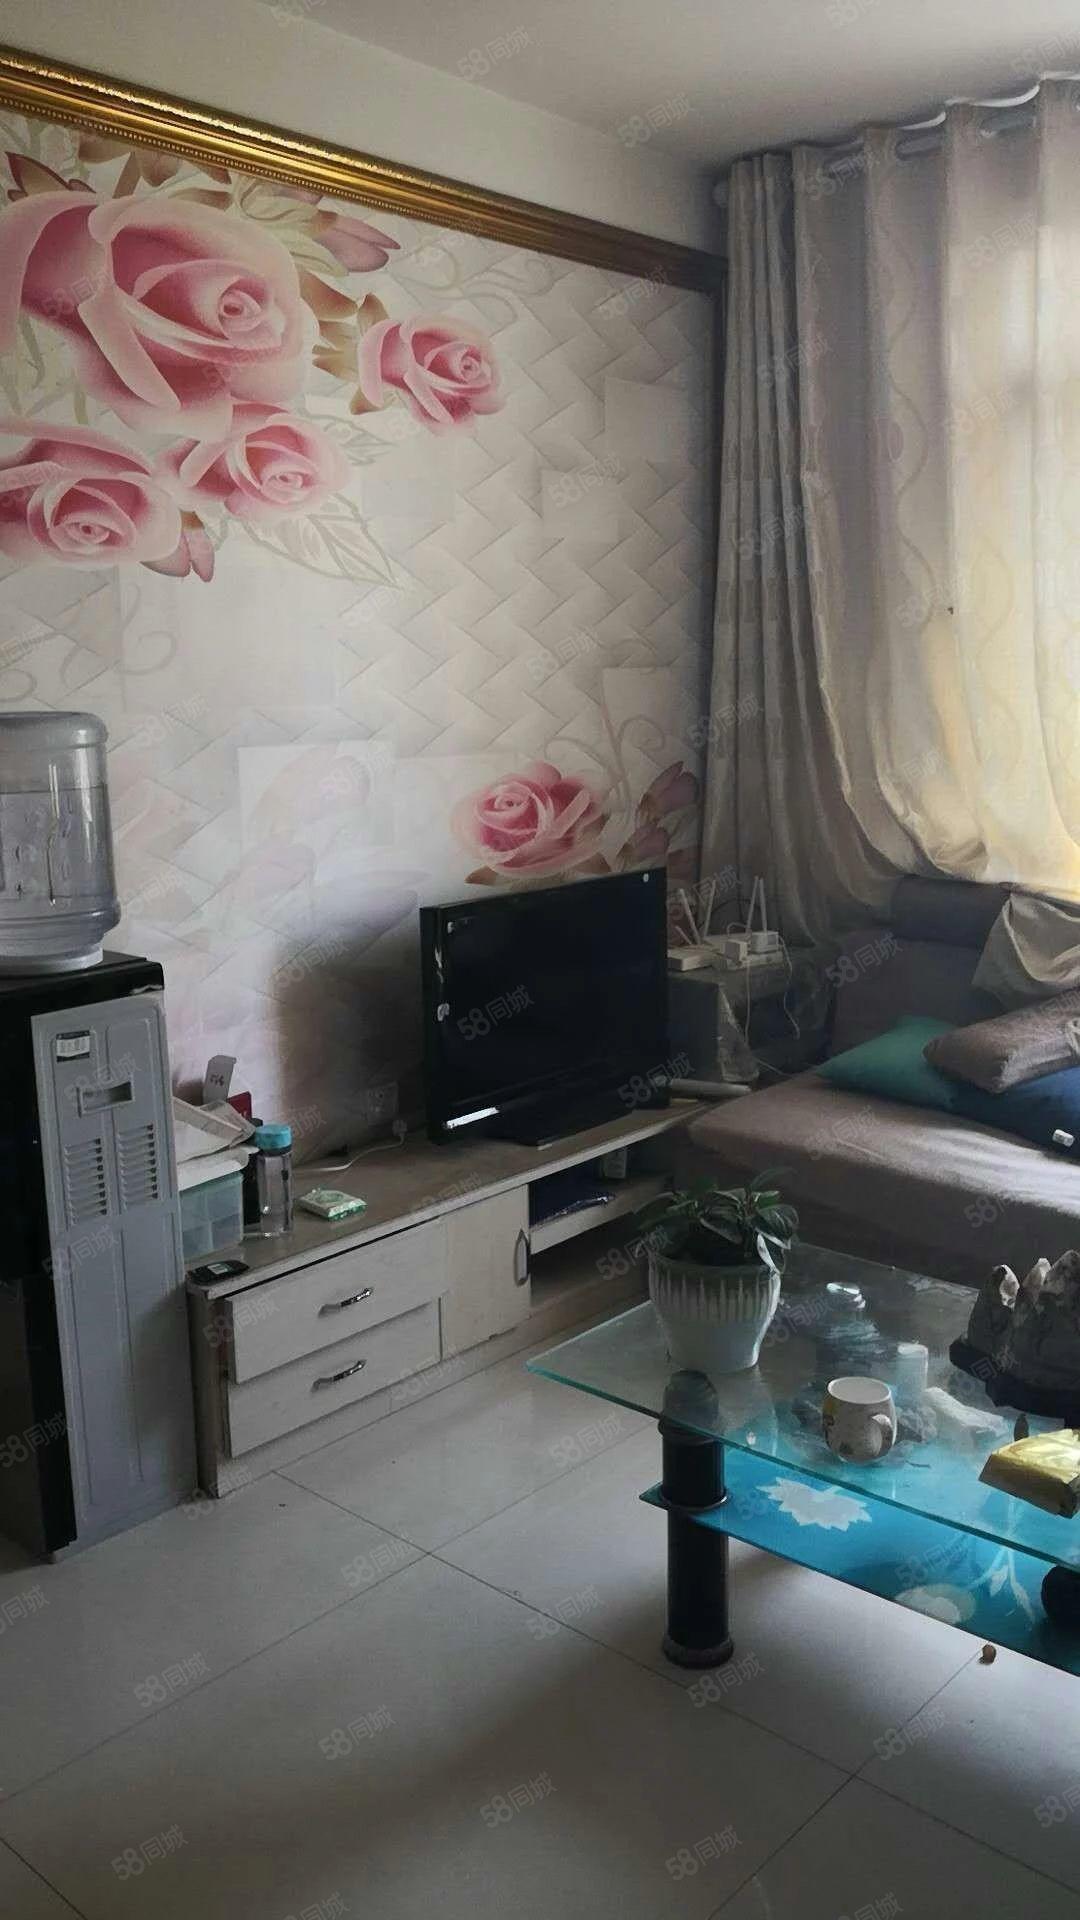 盛世花园3室2厅1卫108平精装家具家电齐全年租金18000